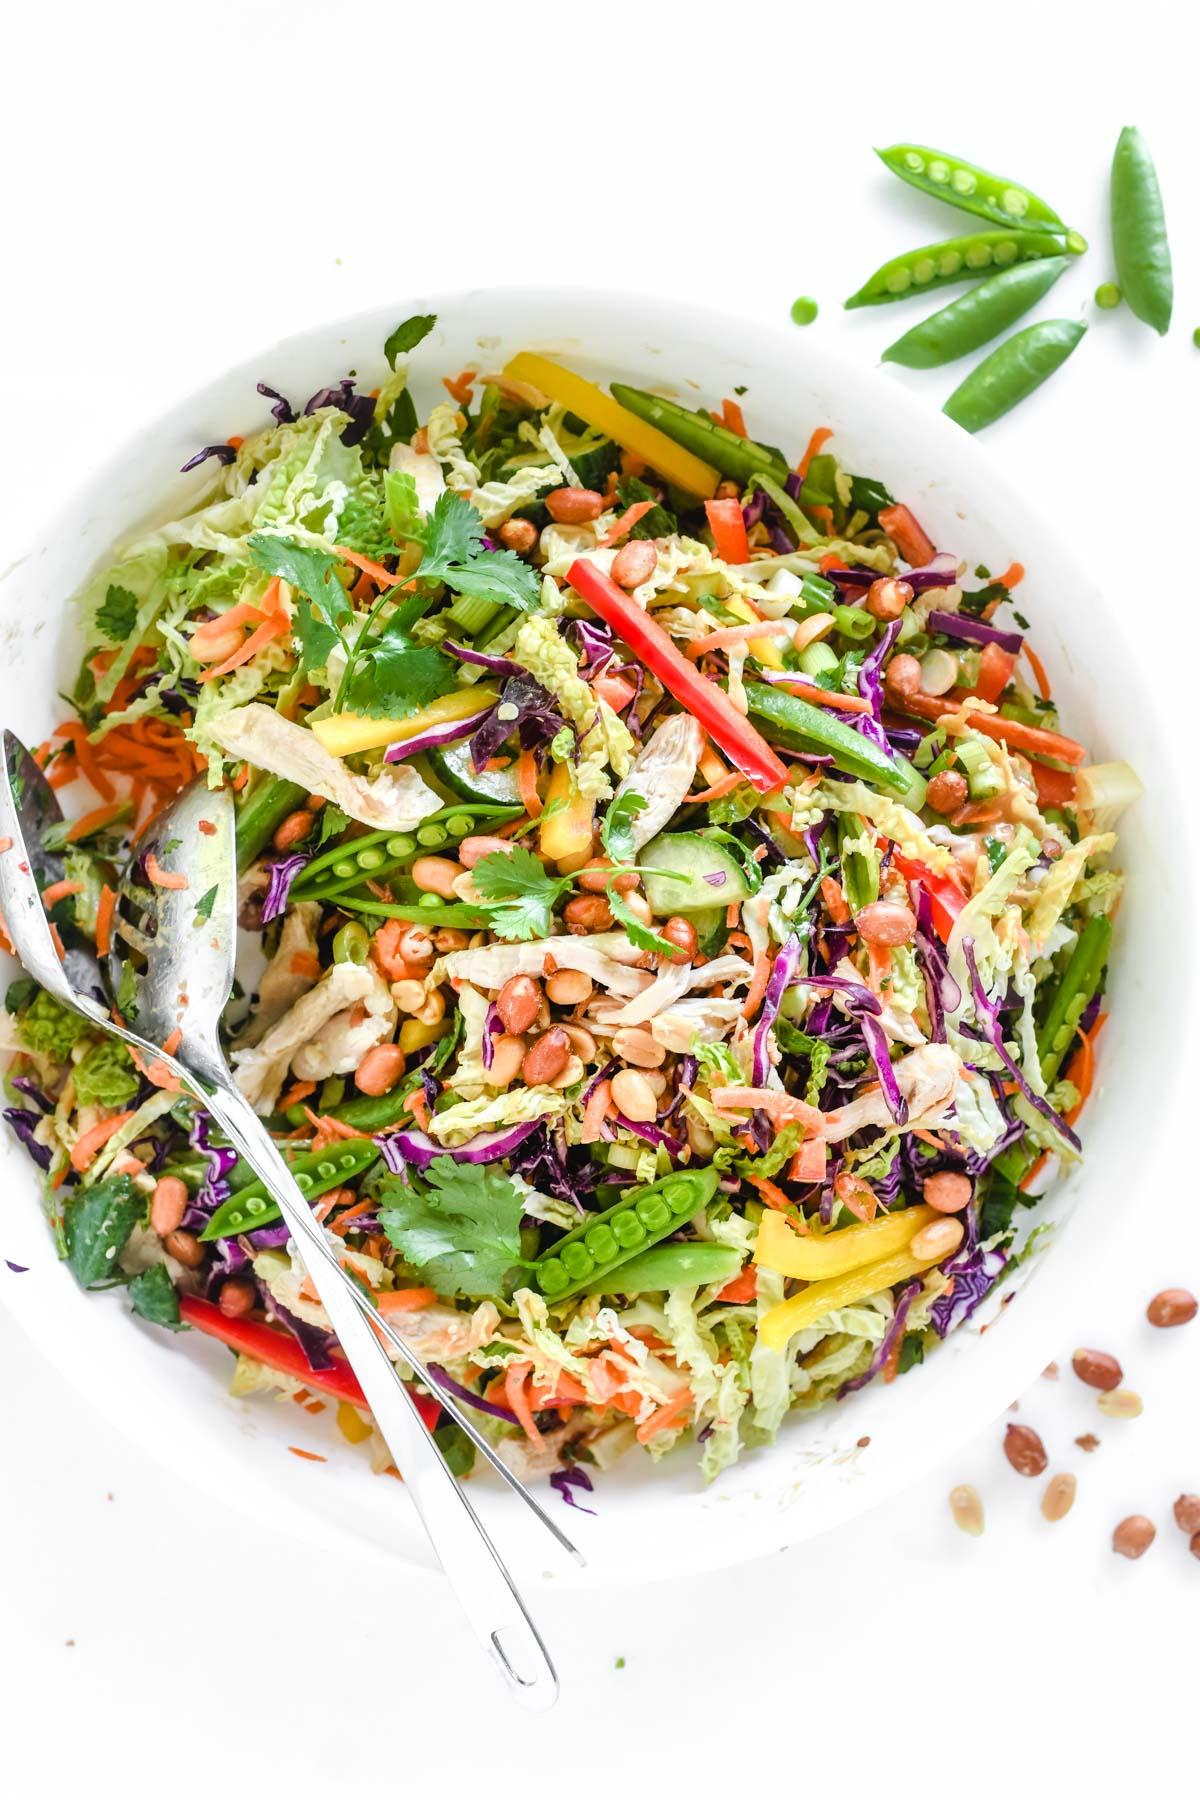 Thai inspired chicken salad